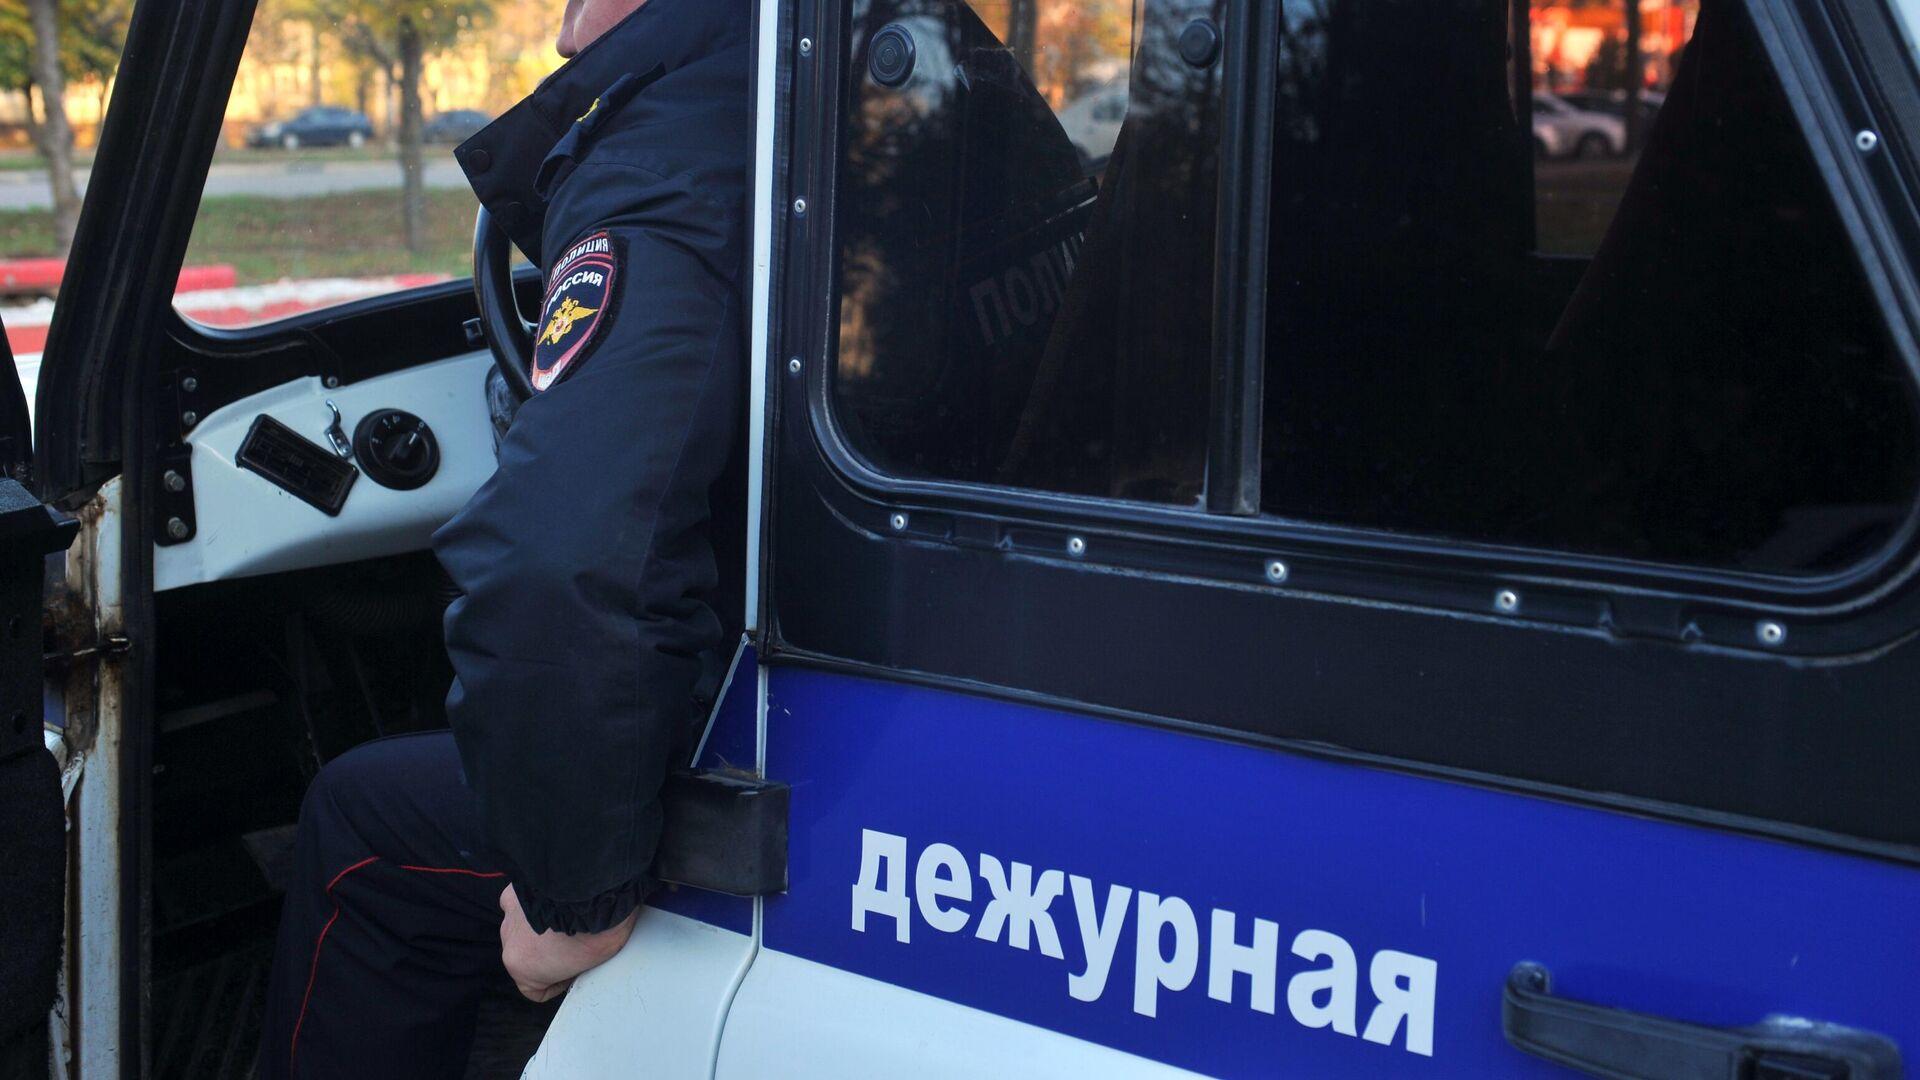 Тульская полиция заявила, что не откладывала поиски замерзшего пенсионера